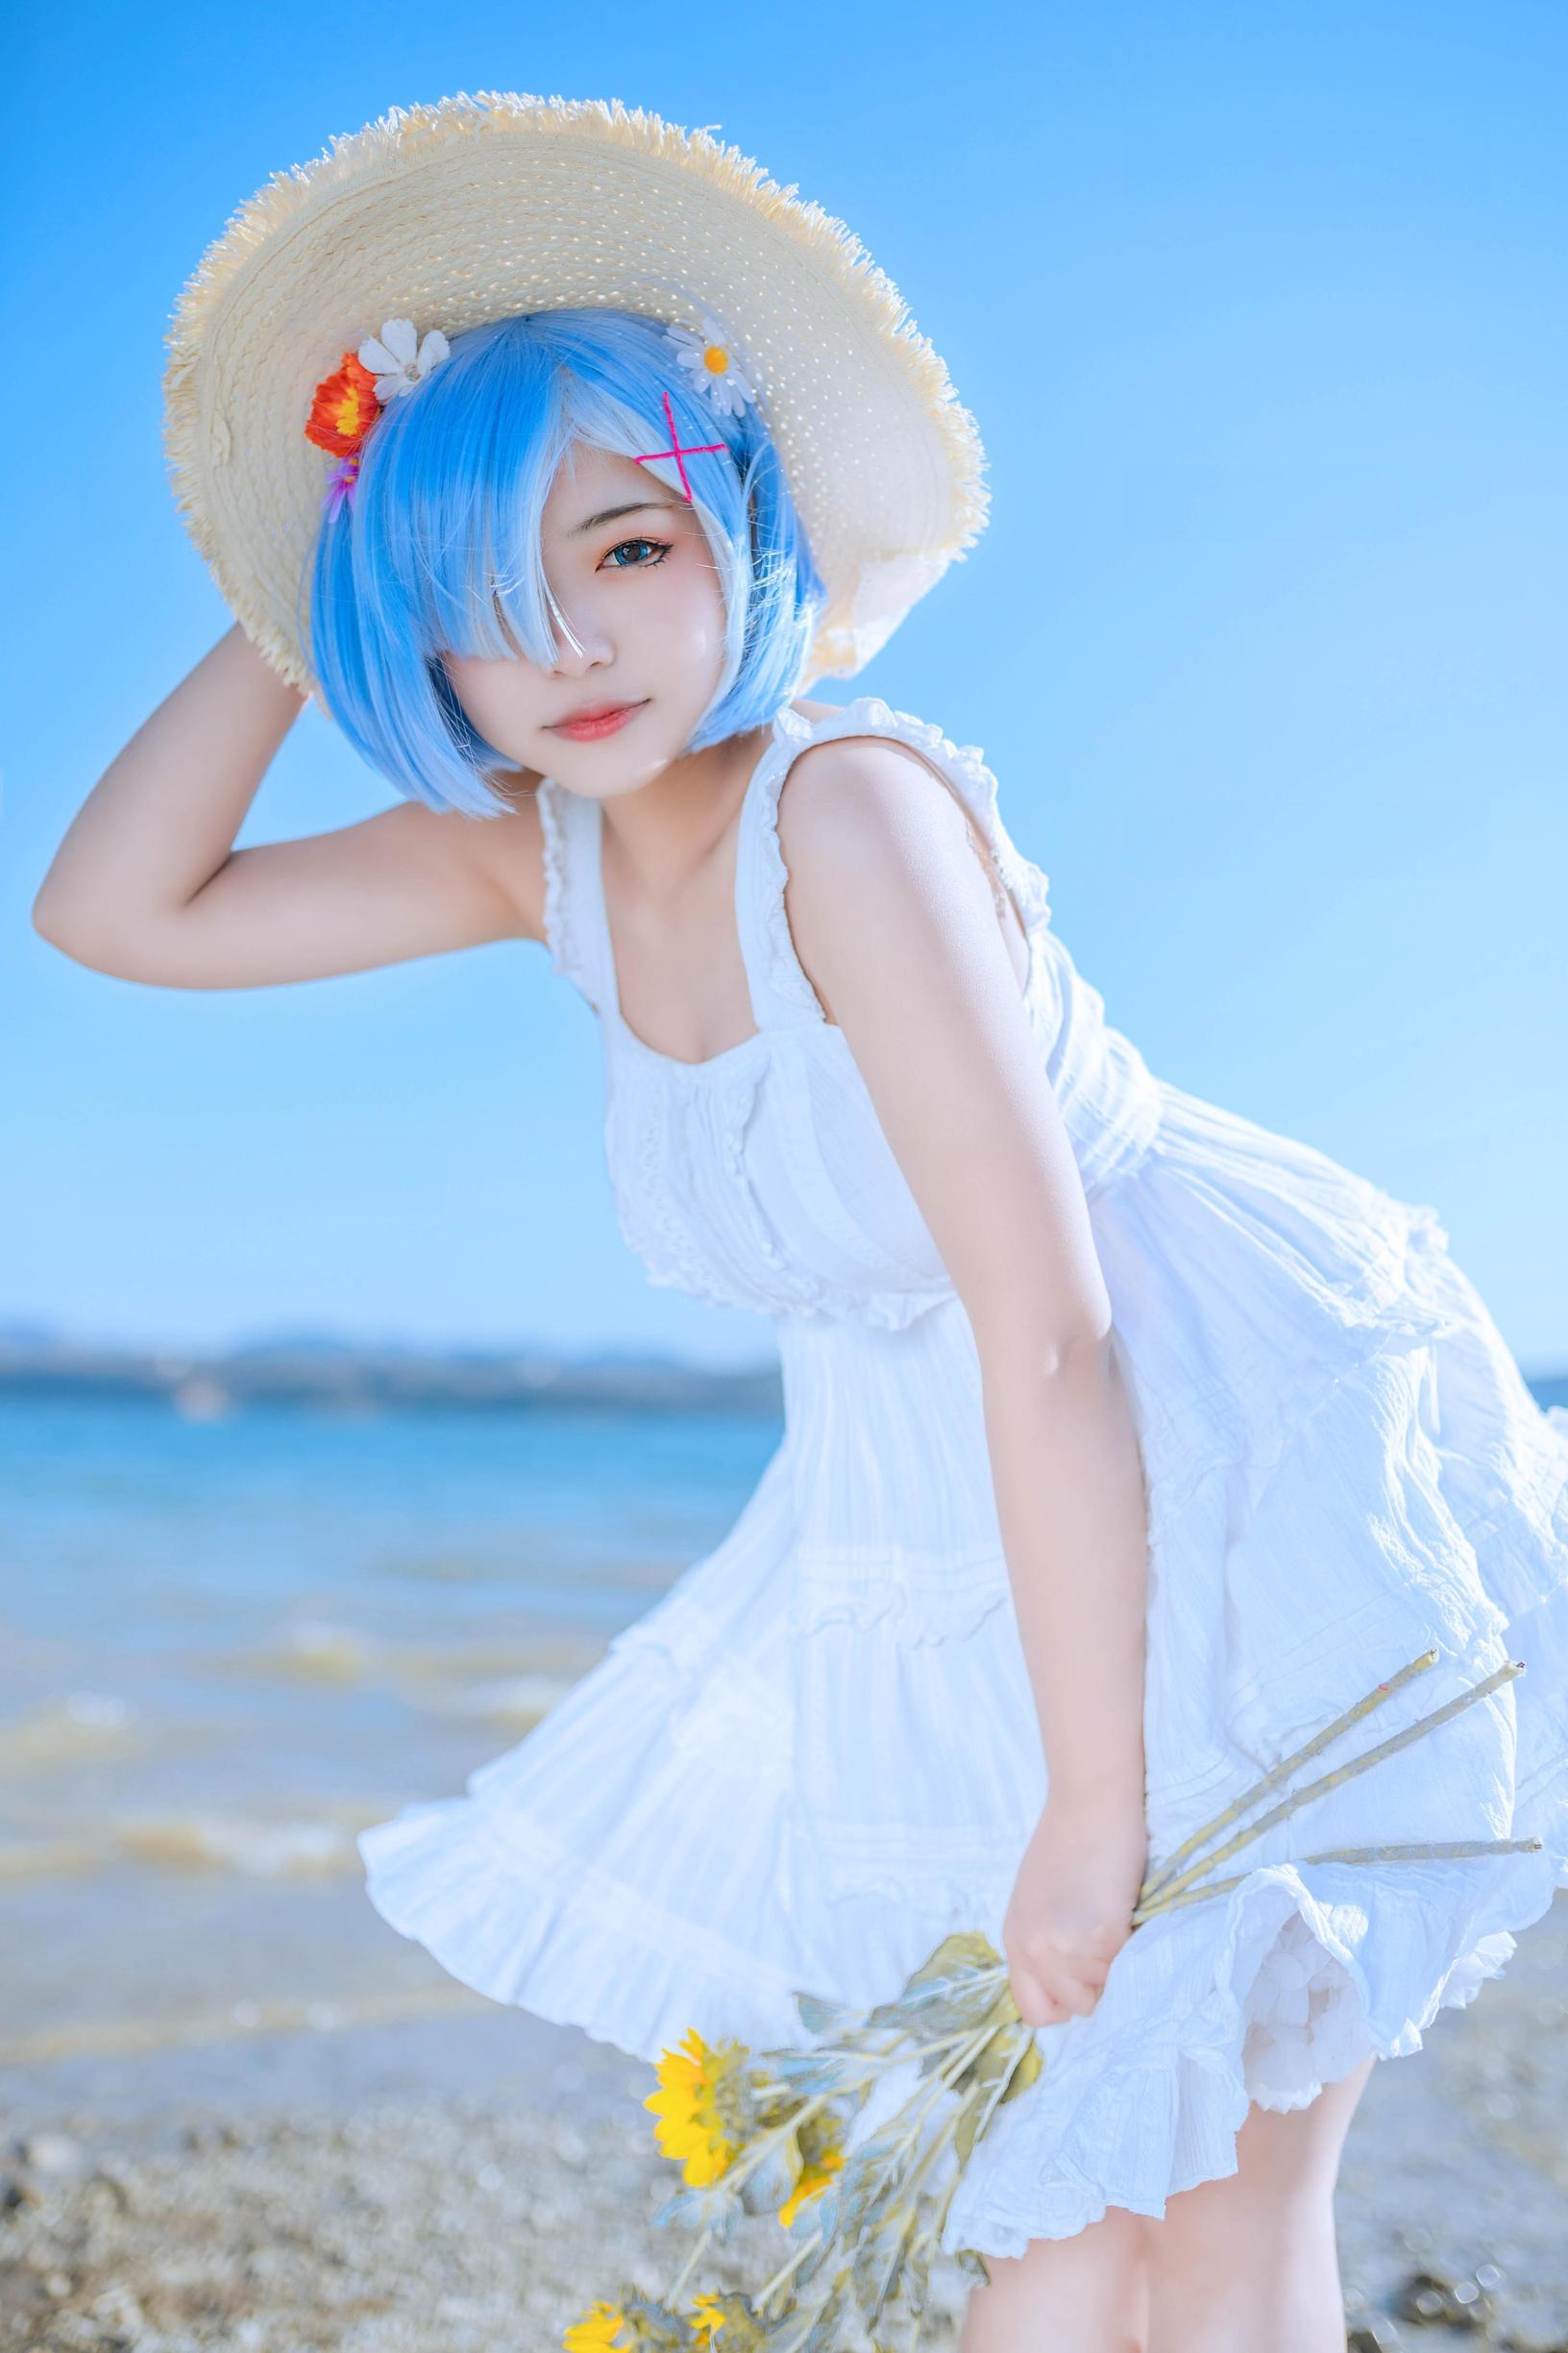 蕾姆cosplay【CN:是三寿呀】 -cosplay和服图片大全插图